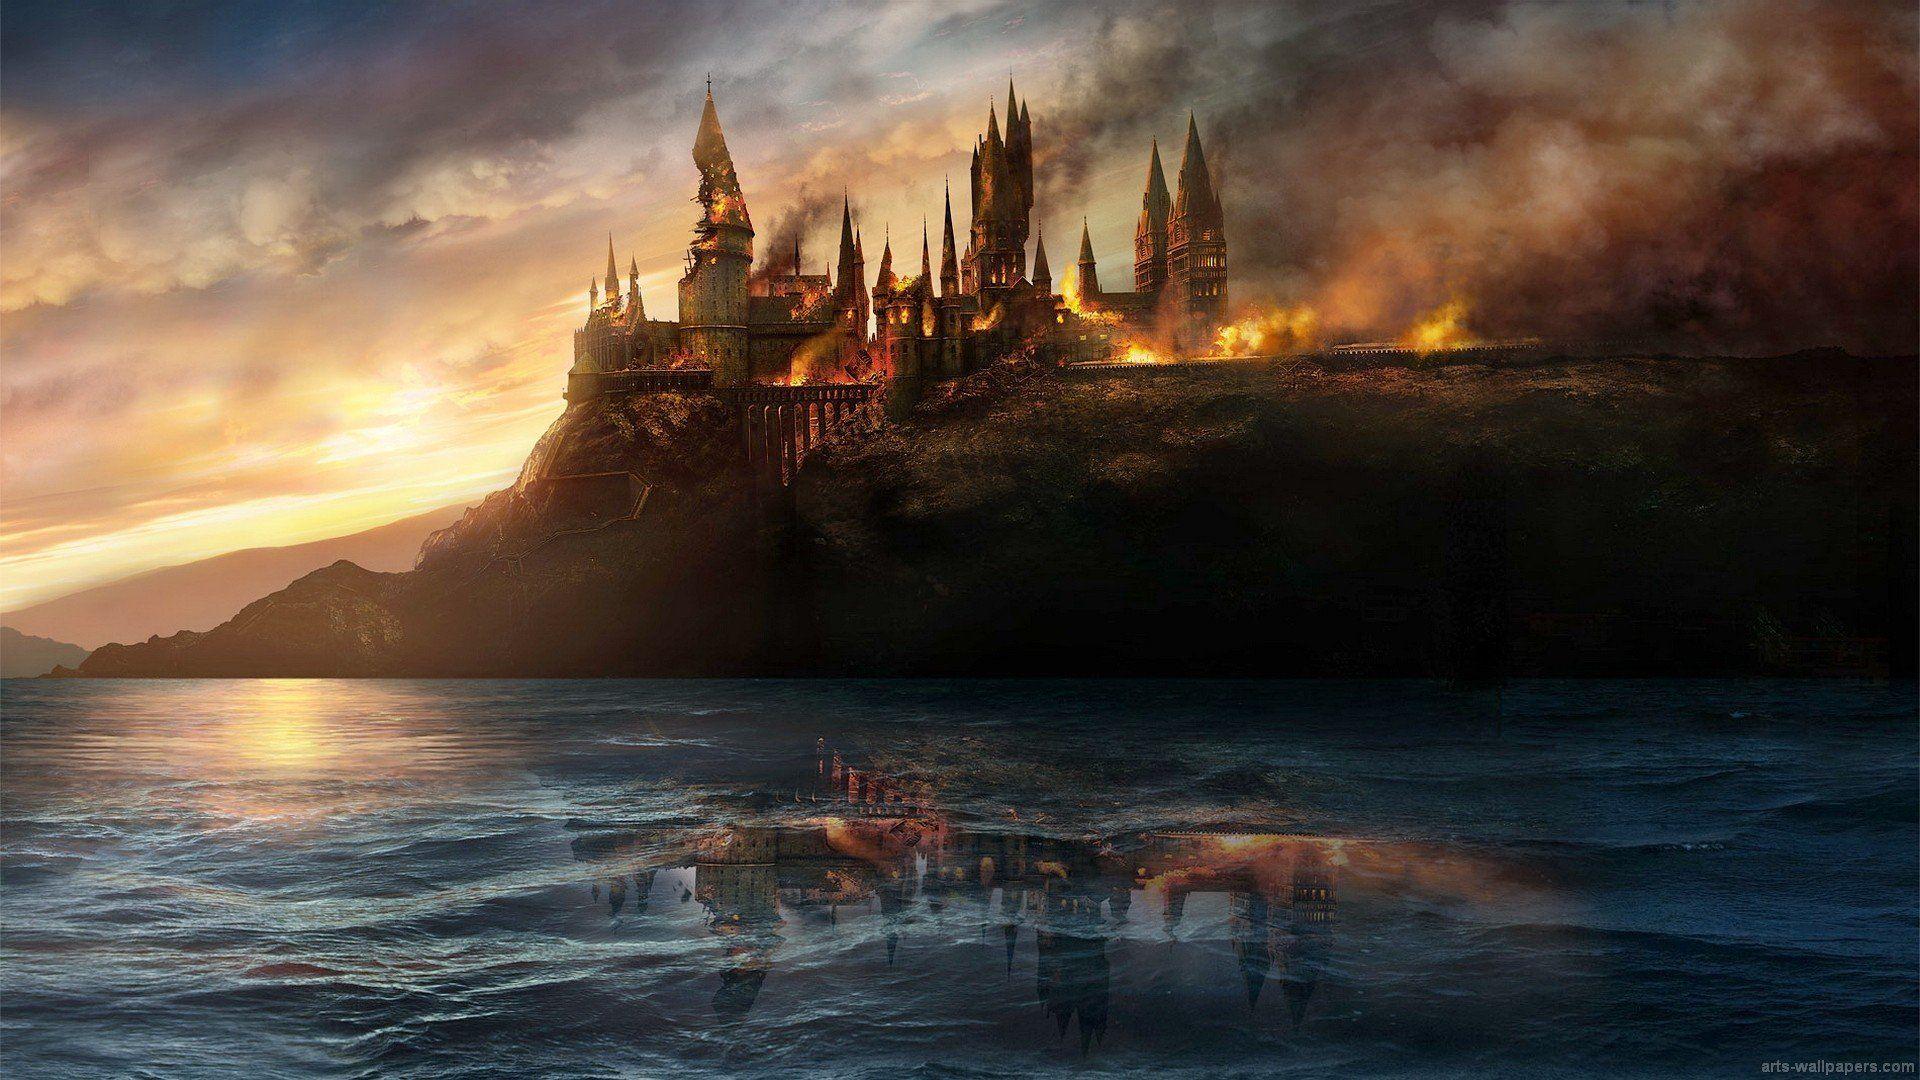 Popular Wallpaper Harry Potter Concept Art - 0d02a319975689b69e5576d33f7f3c54  Trends_51962.jpg